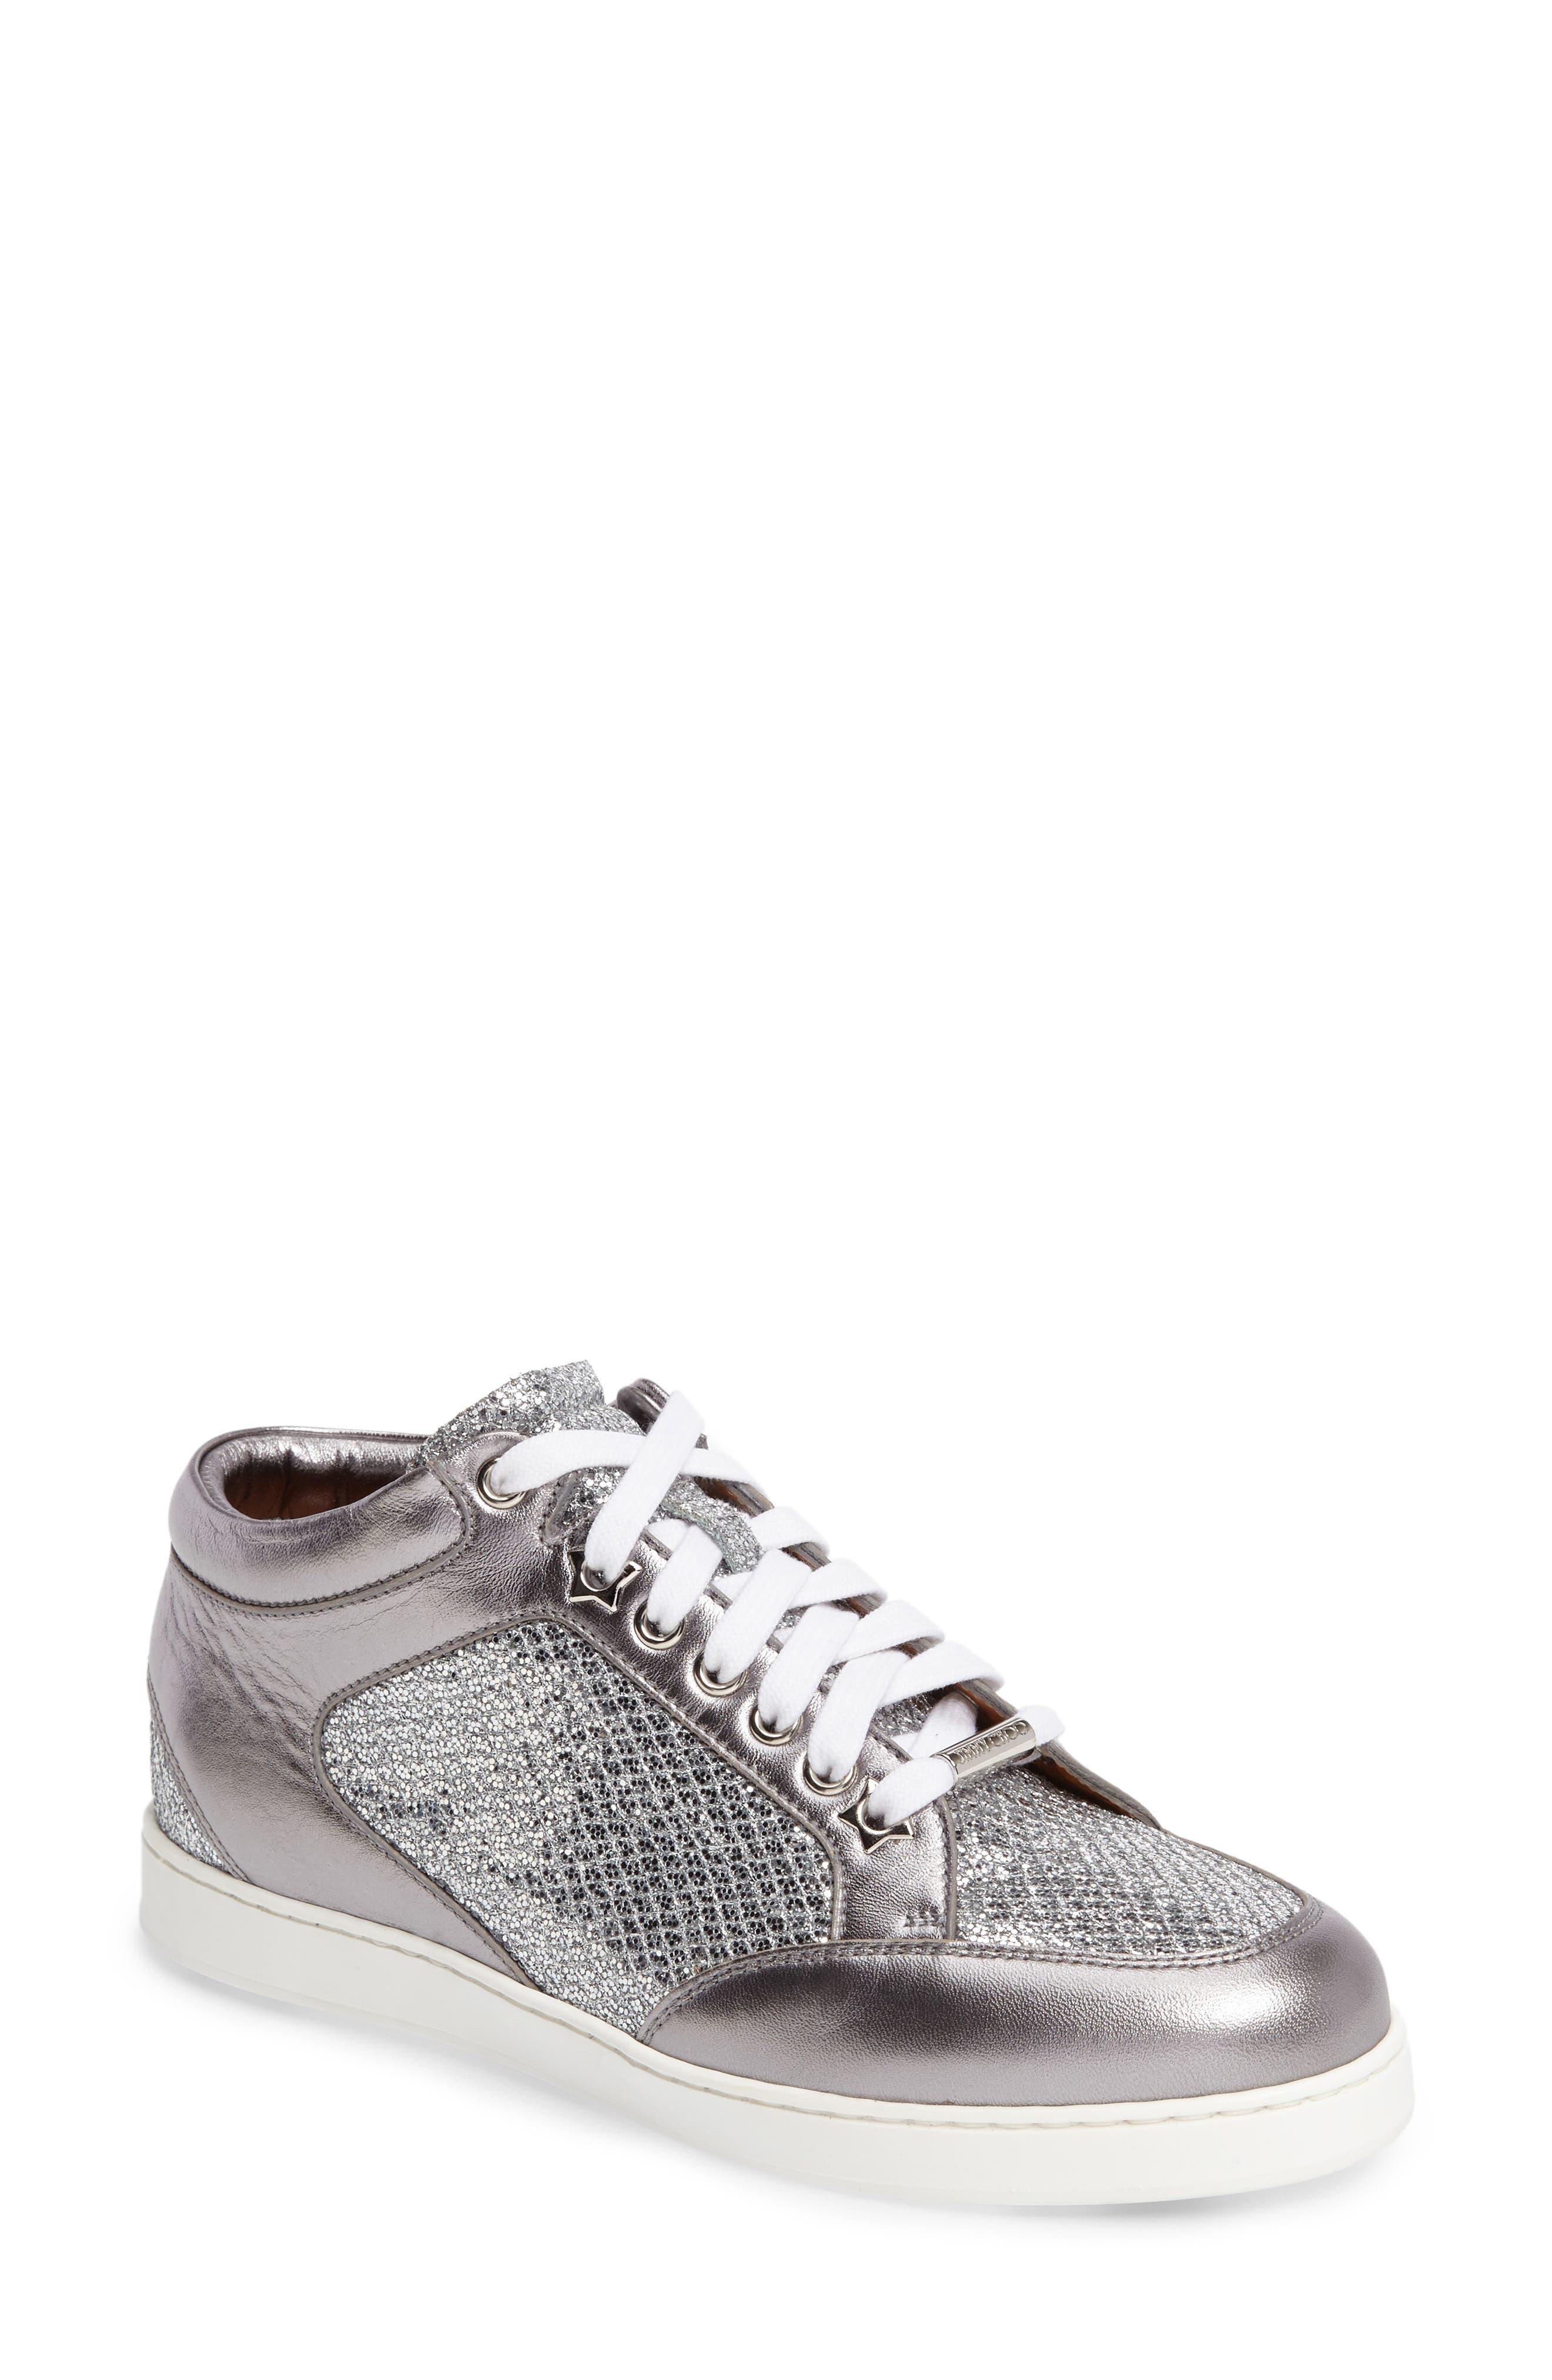 Main Image - Jimmy Choo Miami Glitter Sneaker (Women)